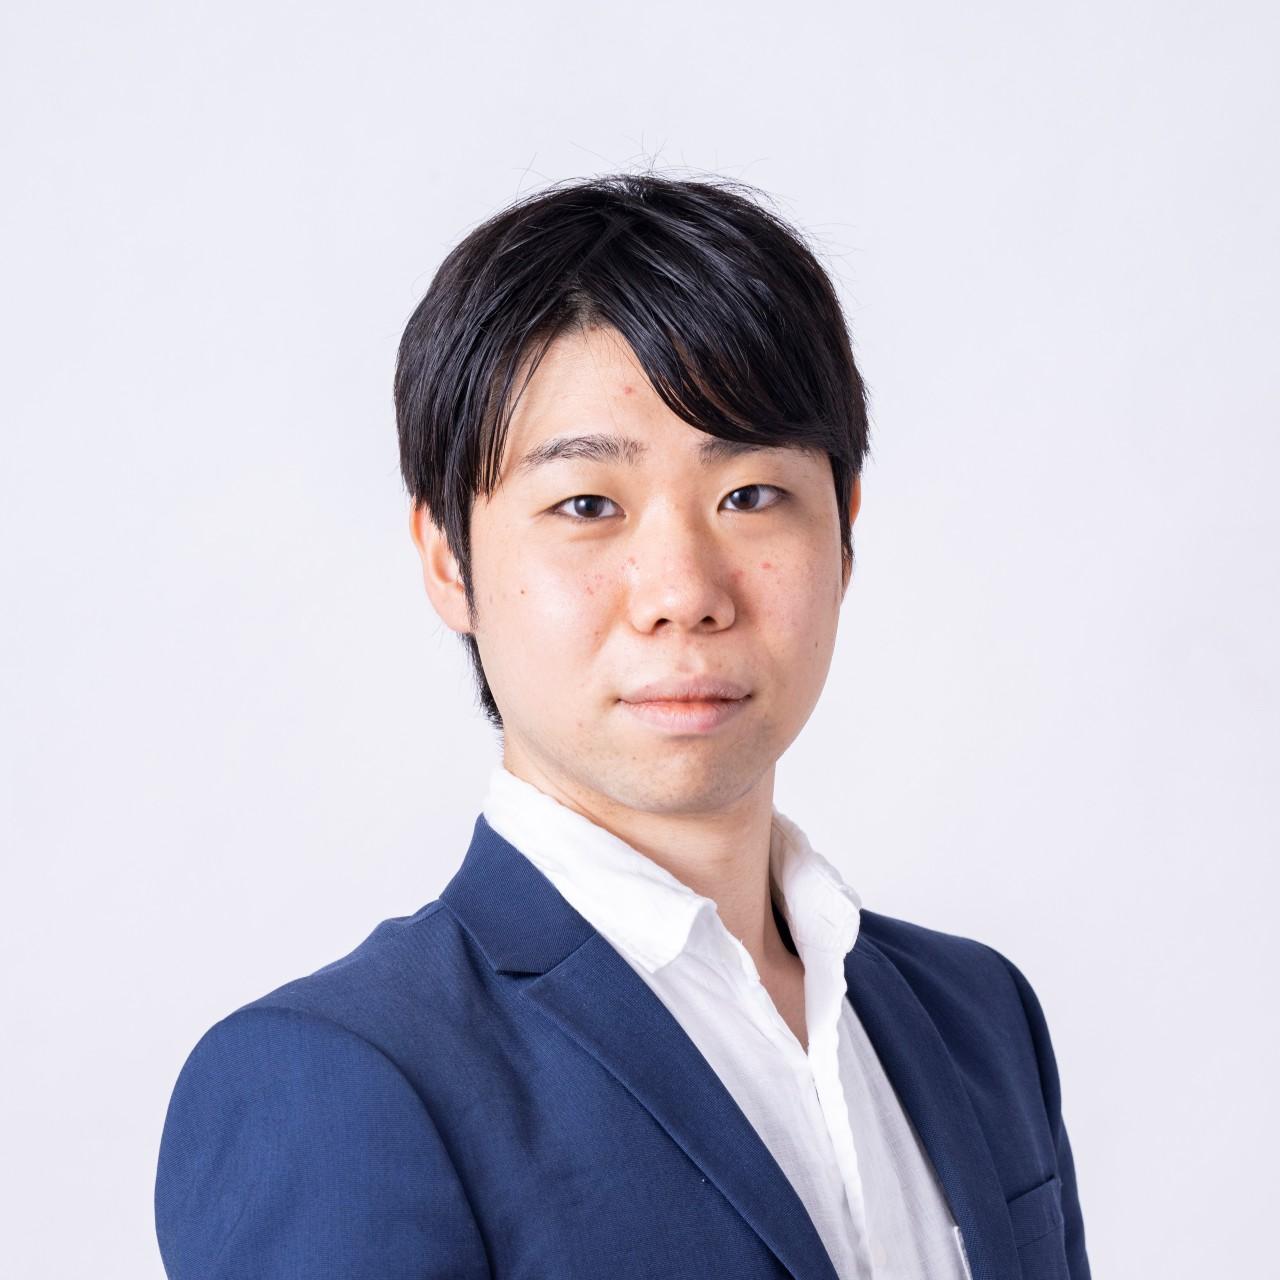 speaker_yamamoto_1280